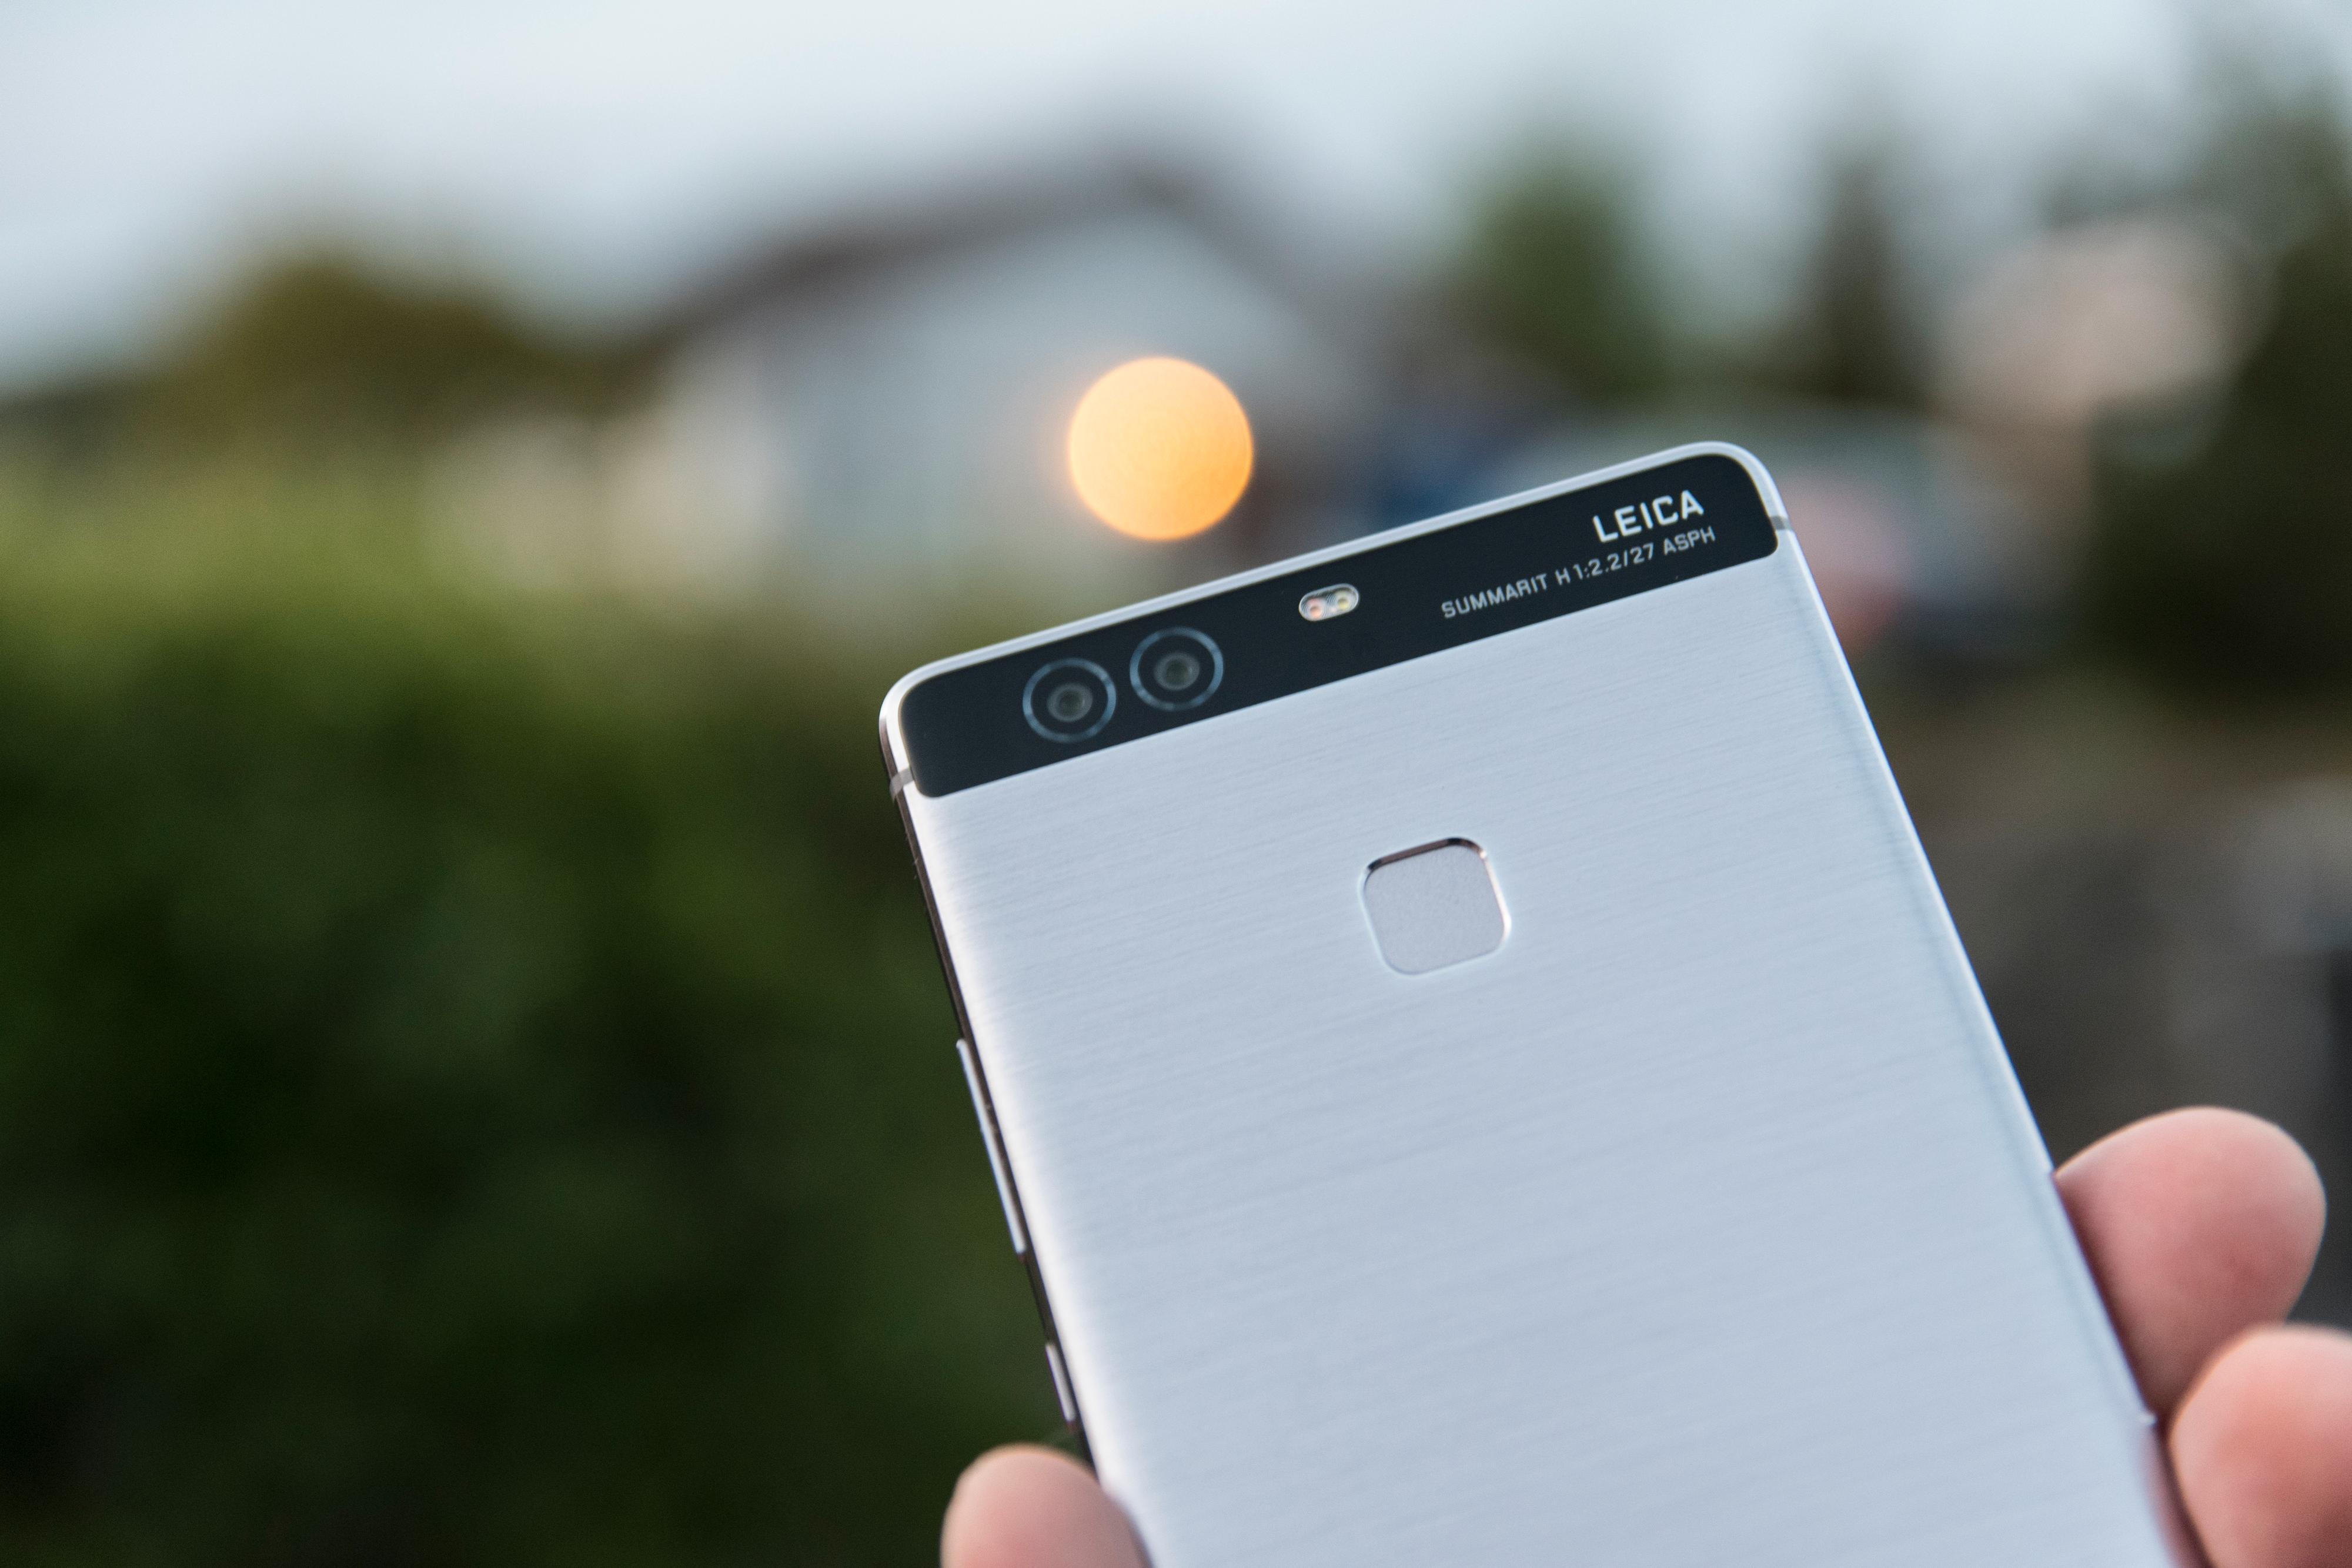 Det doble kameraet på baksiden får telefonen til å se litt særegen ut. Svart-hvitt-kameraet hjelper hovedkameraet, eller kan brukes til gråtonebilder.